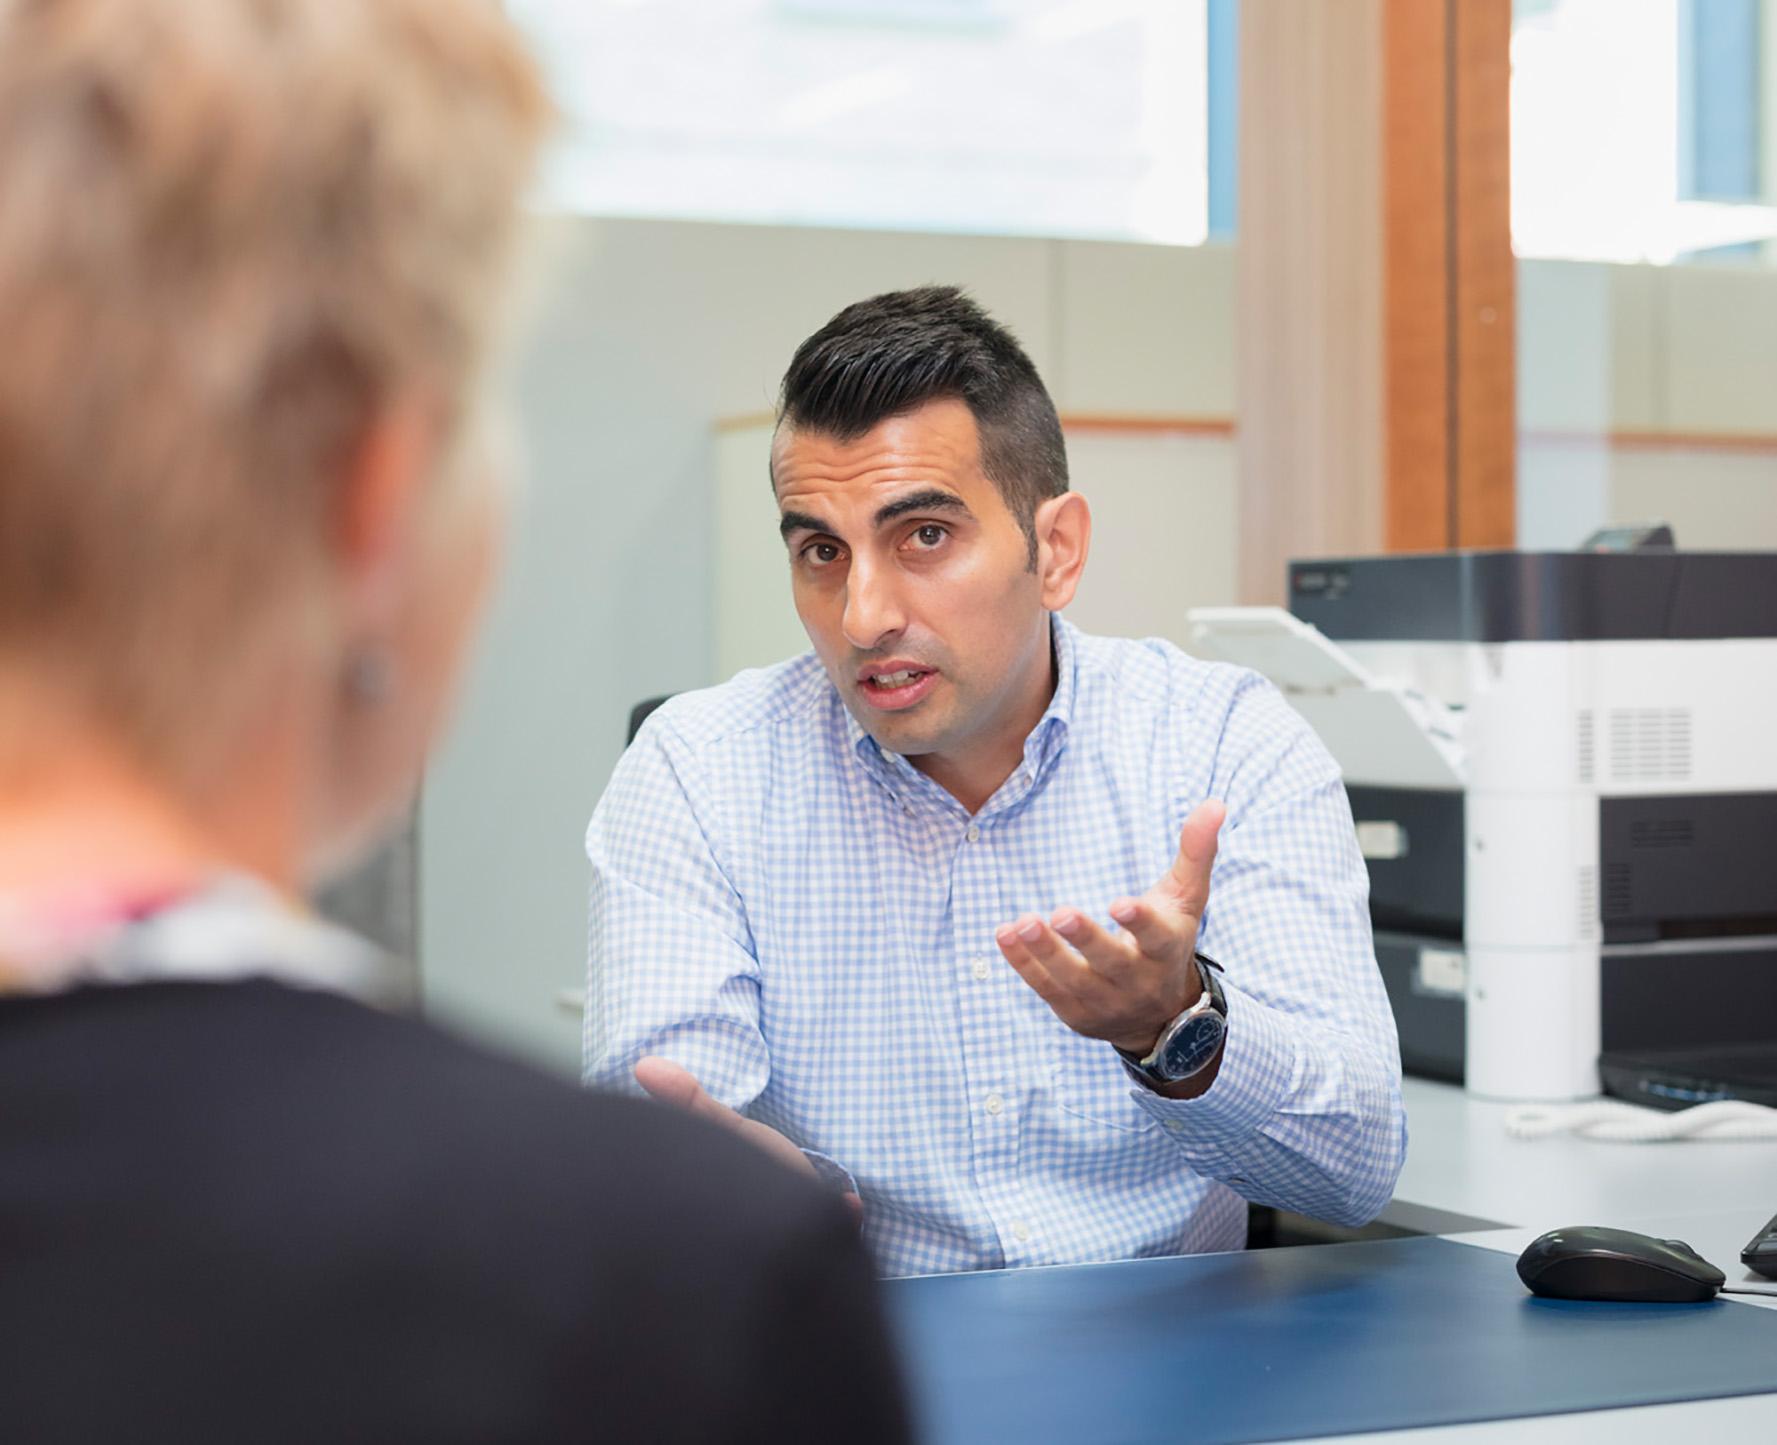 Diego Serrano im Gespräch mit einer Klientin